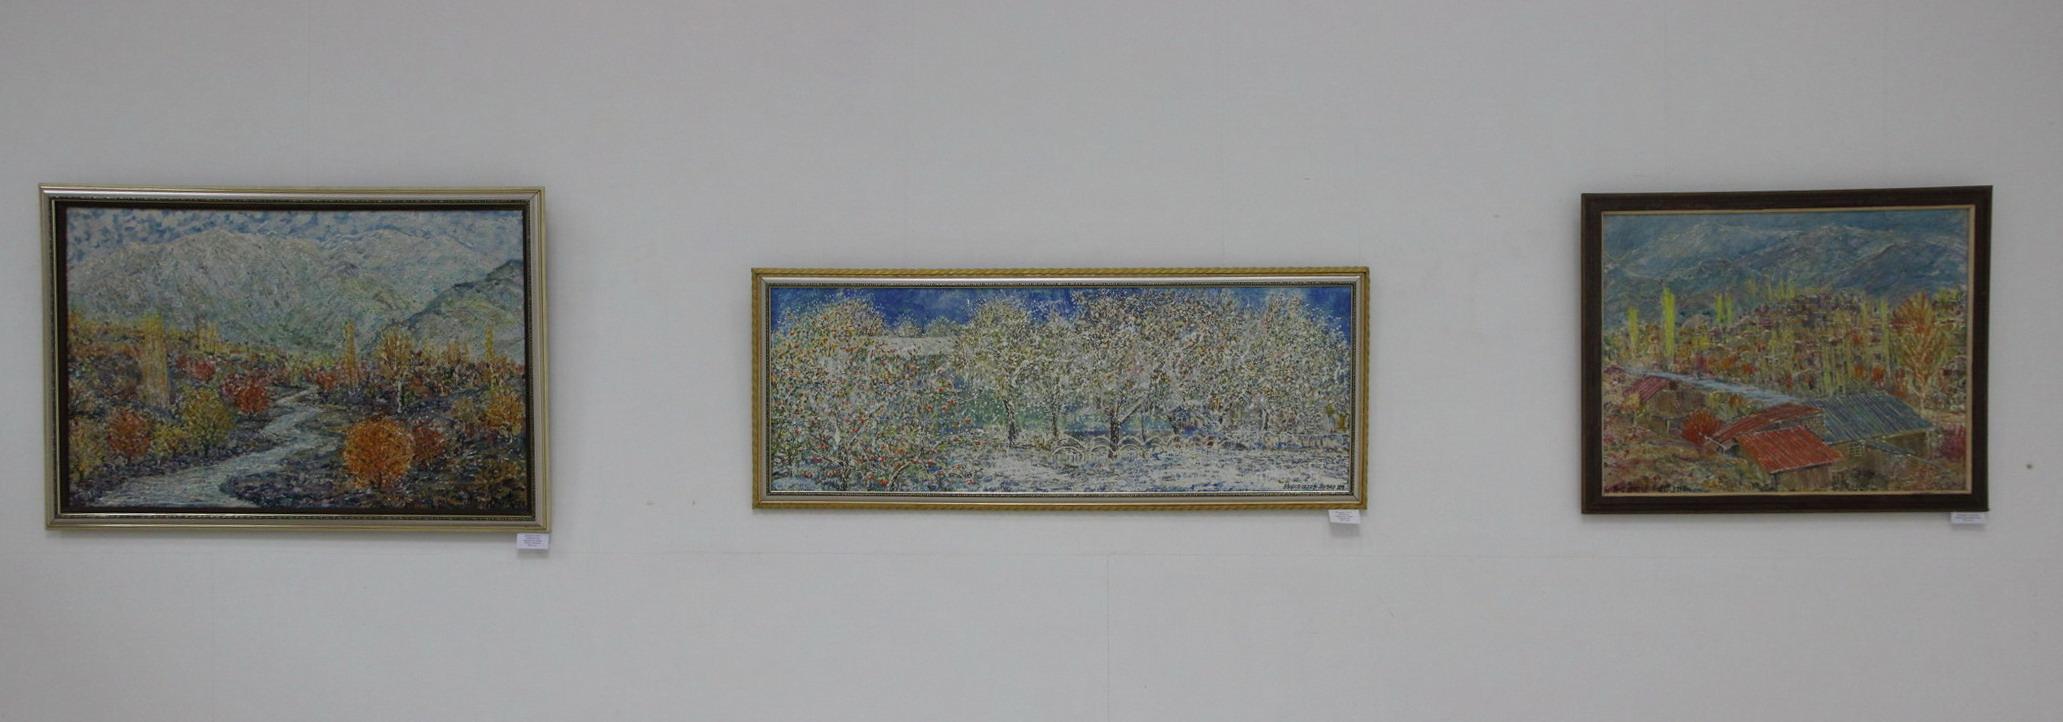 Мирсагатов Анвар. Экспозиция работ. 2017 г.